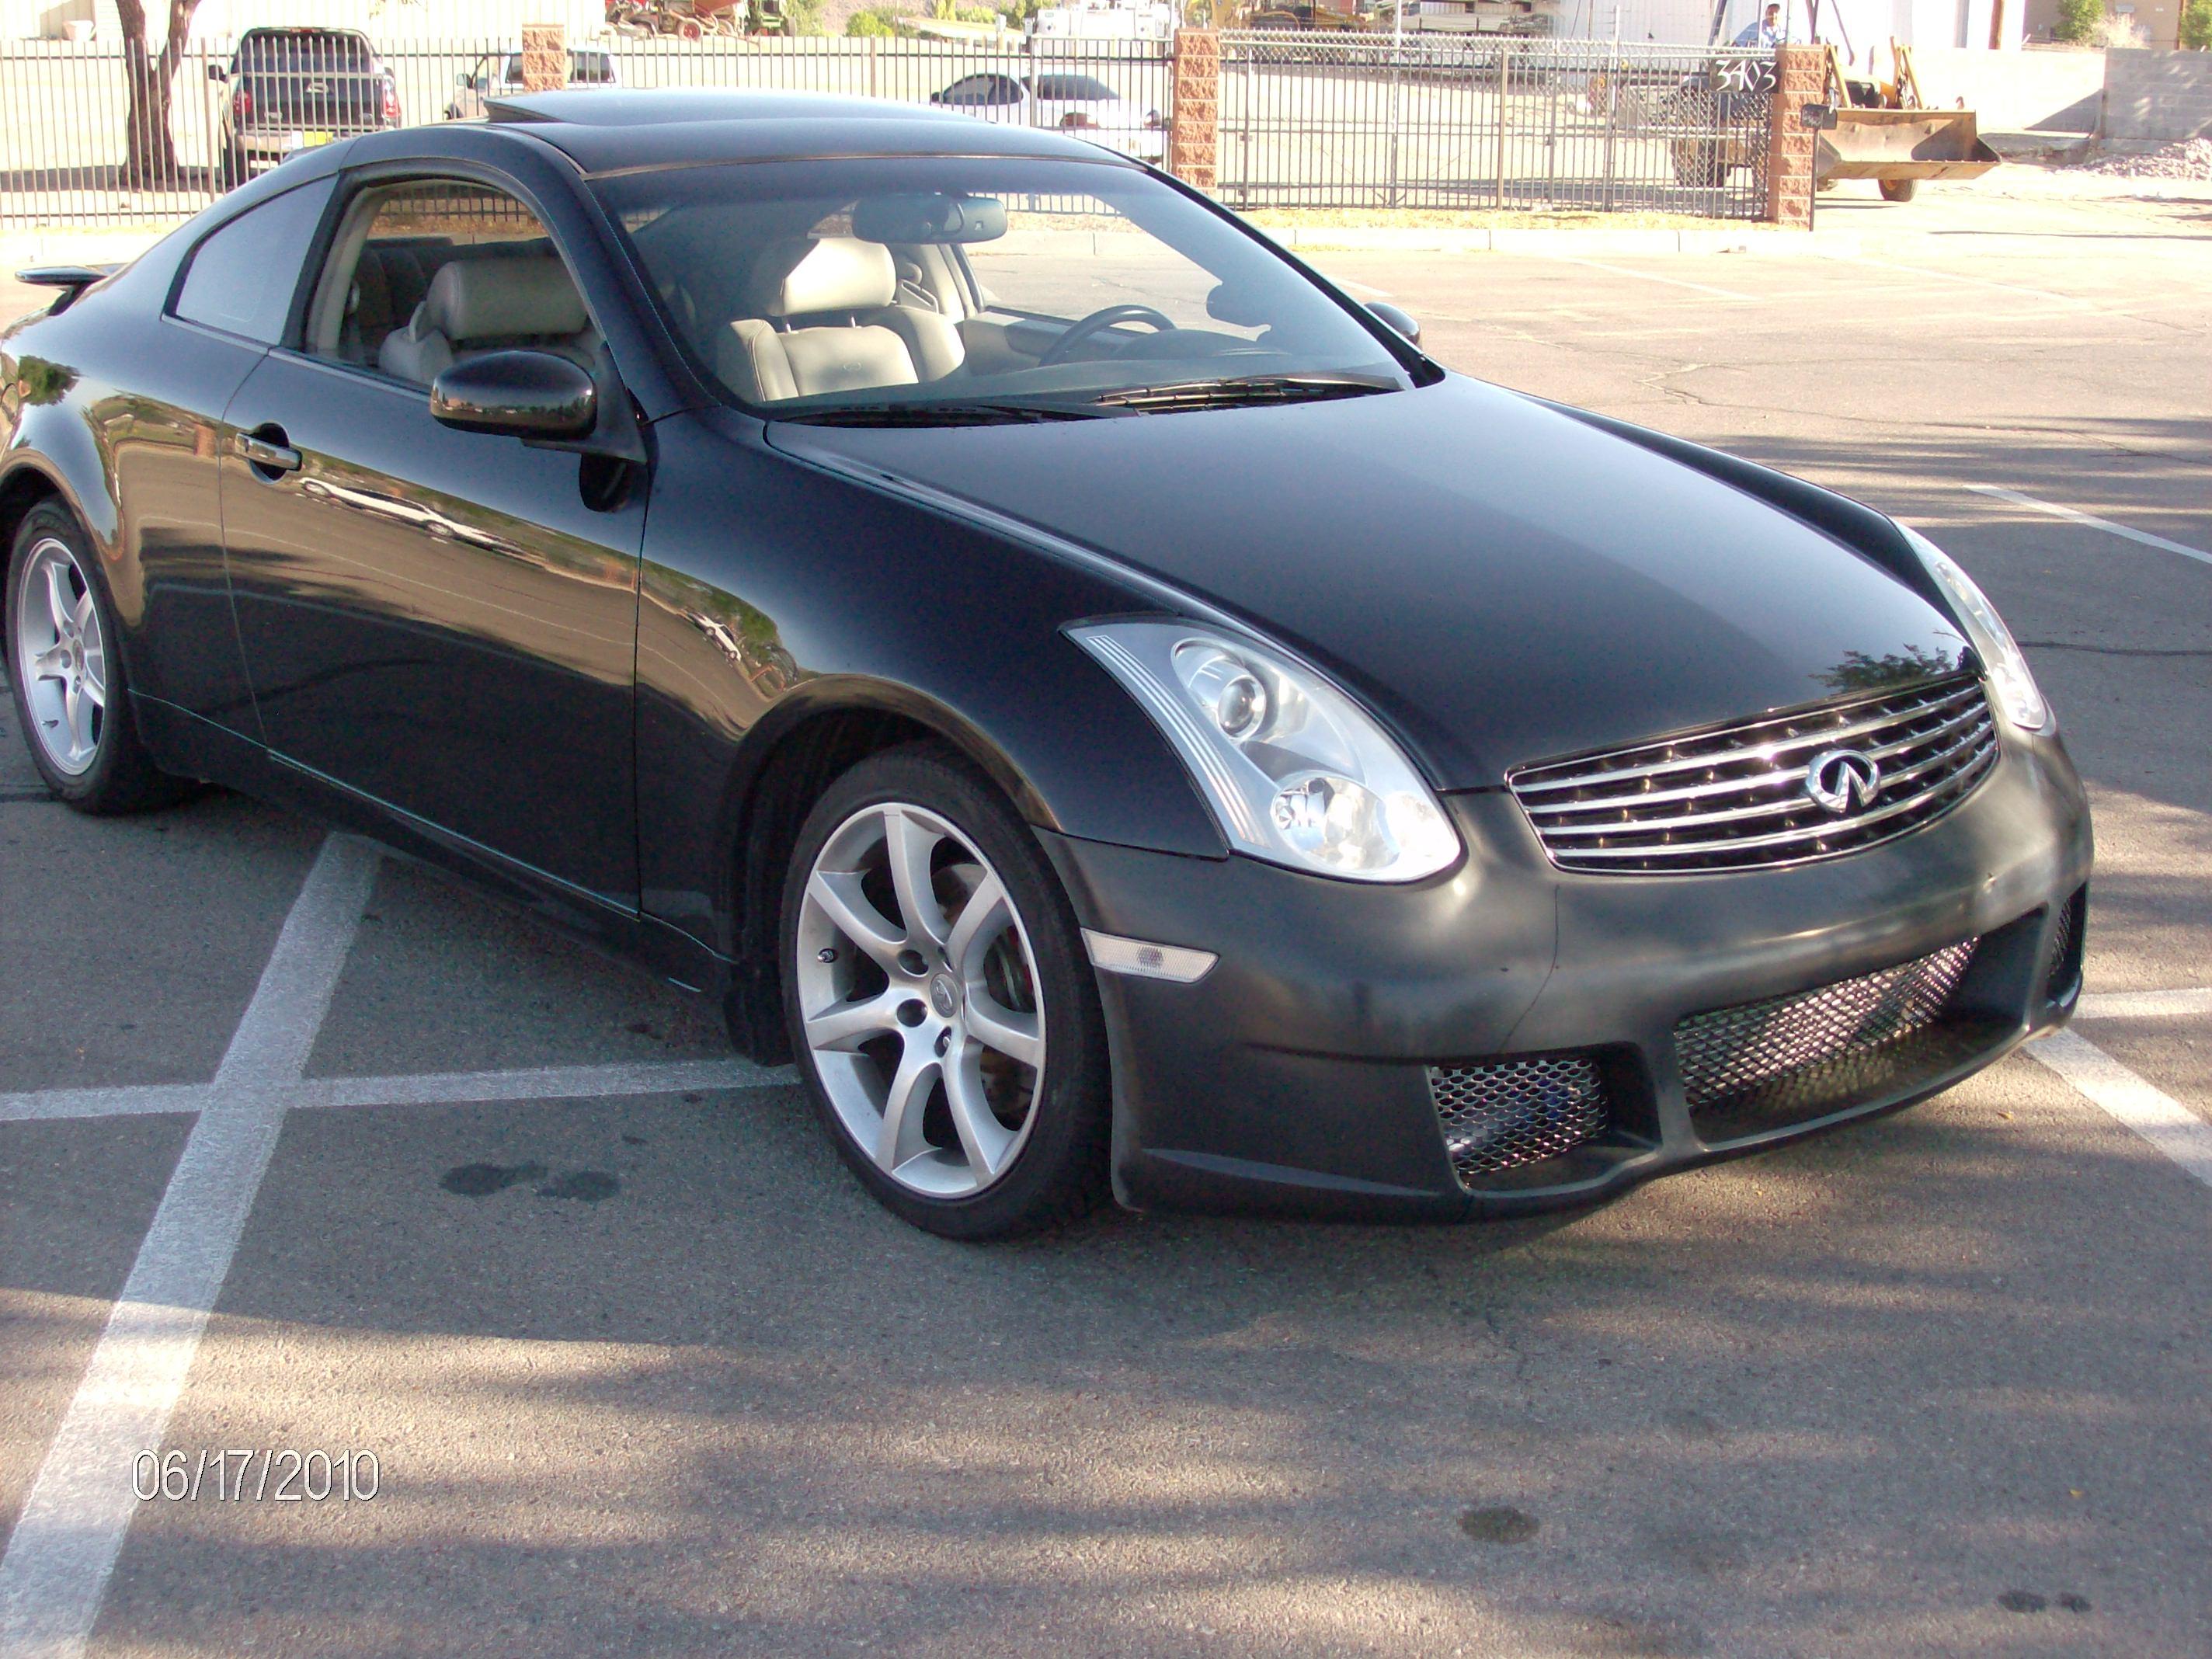 2008 infiniti g35 0-60